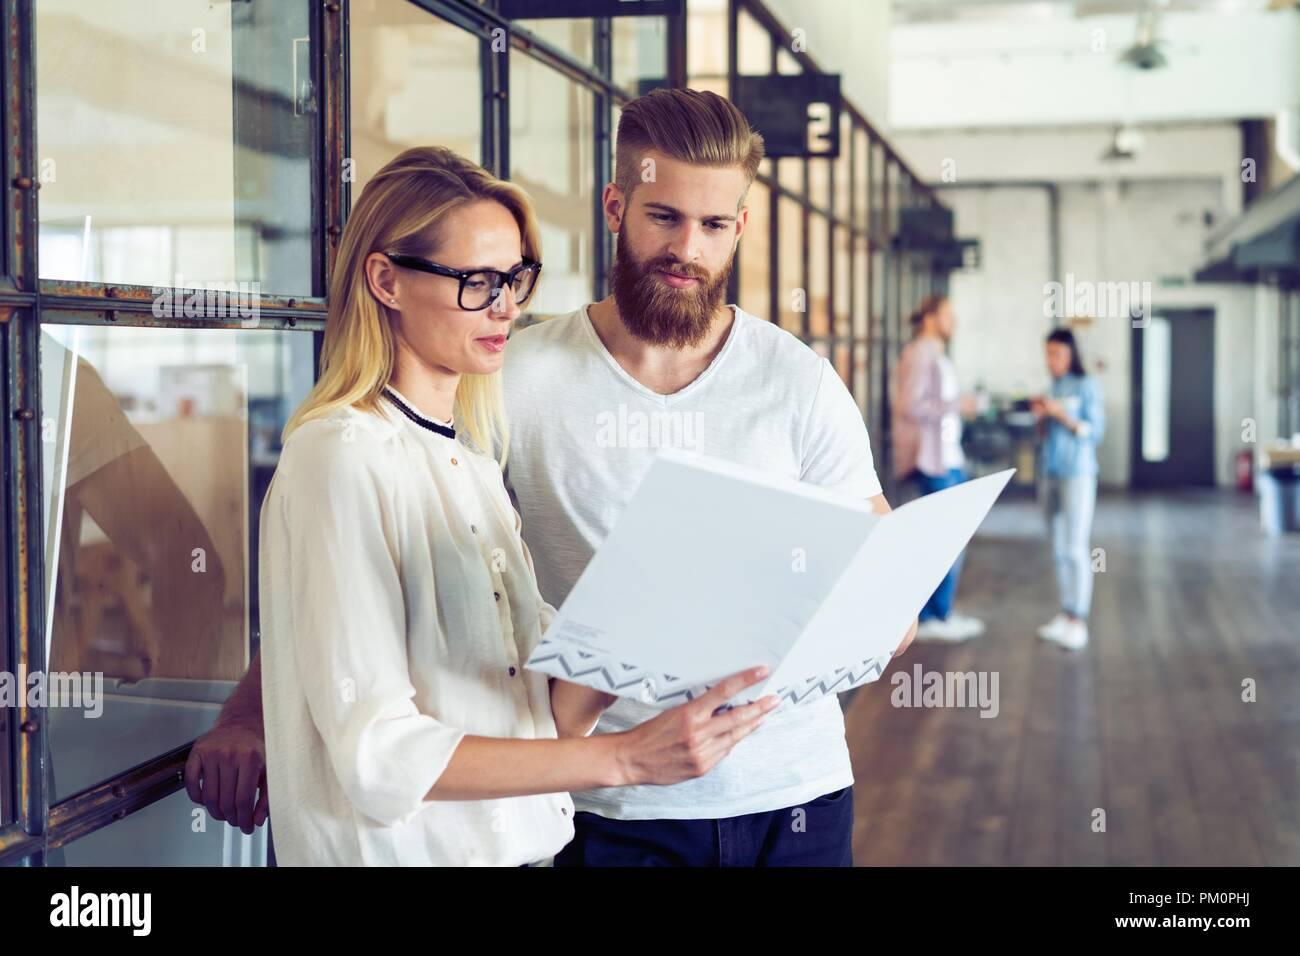 Gemeinsame Nutzung von frischen Ideen. Gruppe junger Geschäftsleute in Smart Casual Wear reden und lächeln beim Stehen im Büro Flur. Stockbild